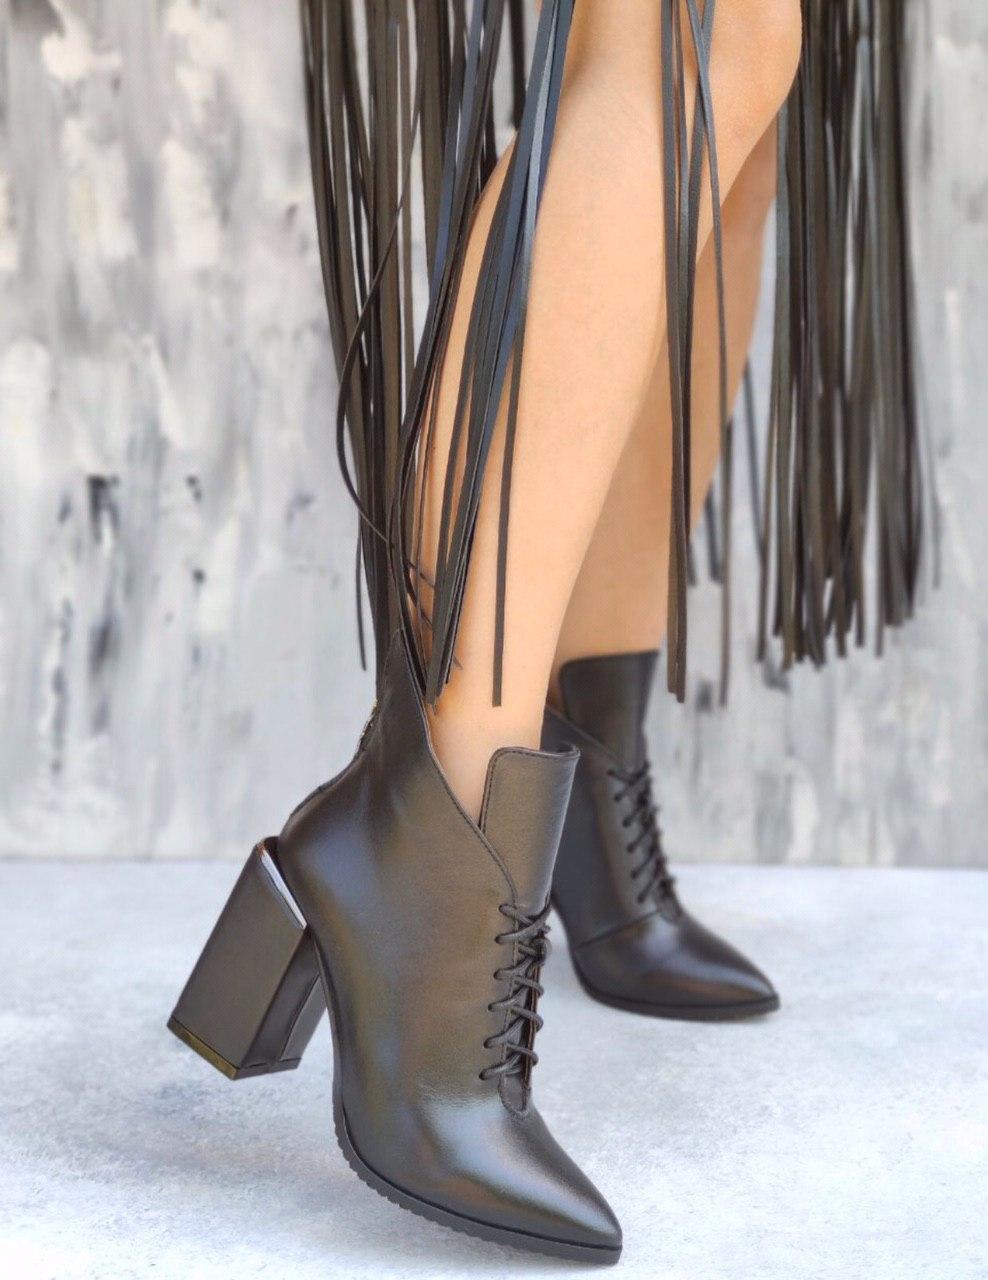 Шикарные кожаные женские черные ботильоны на квадратном каблуке, размеры 35-40